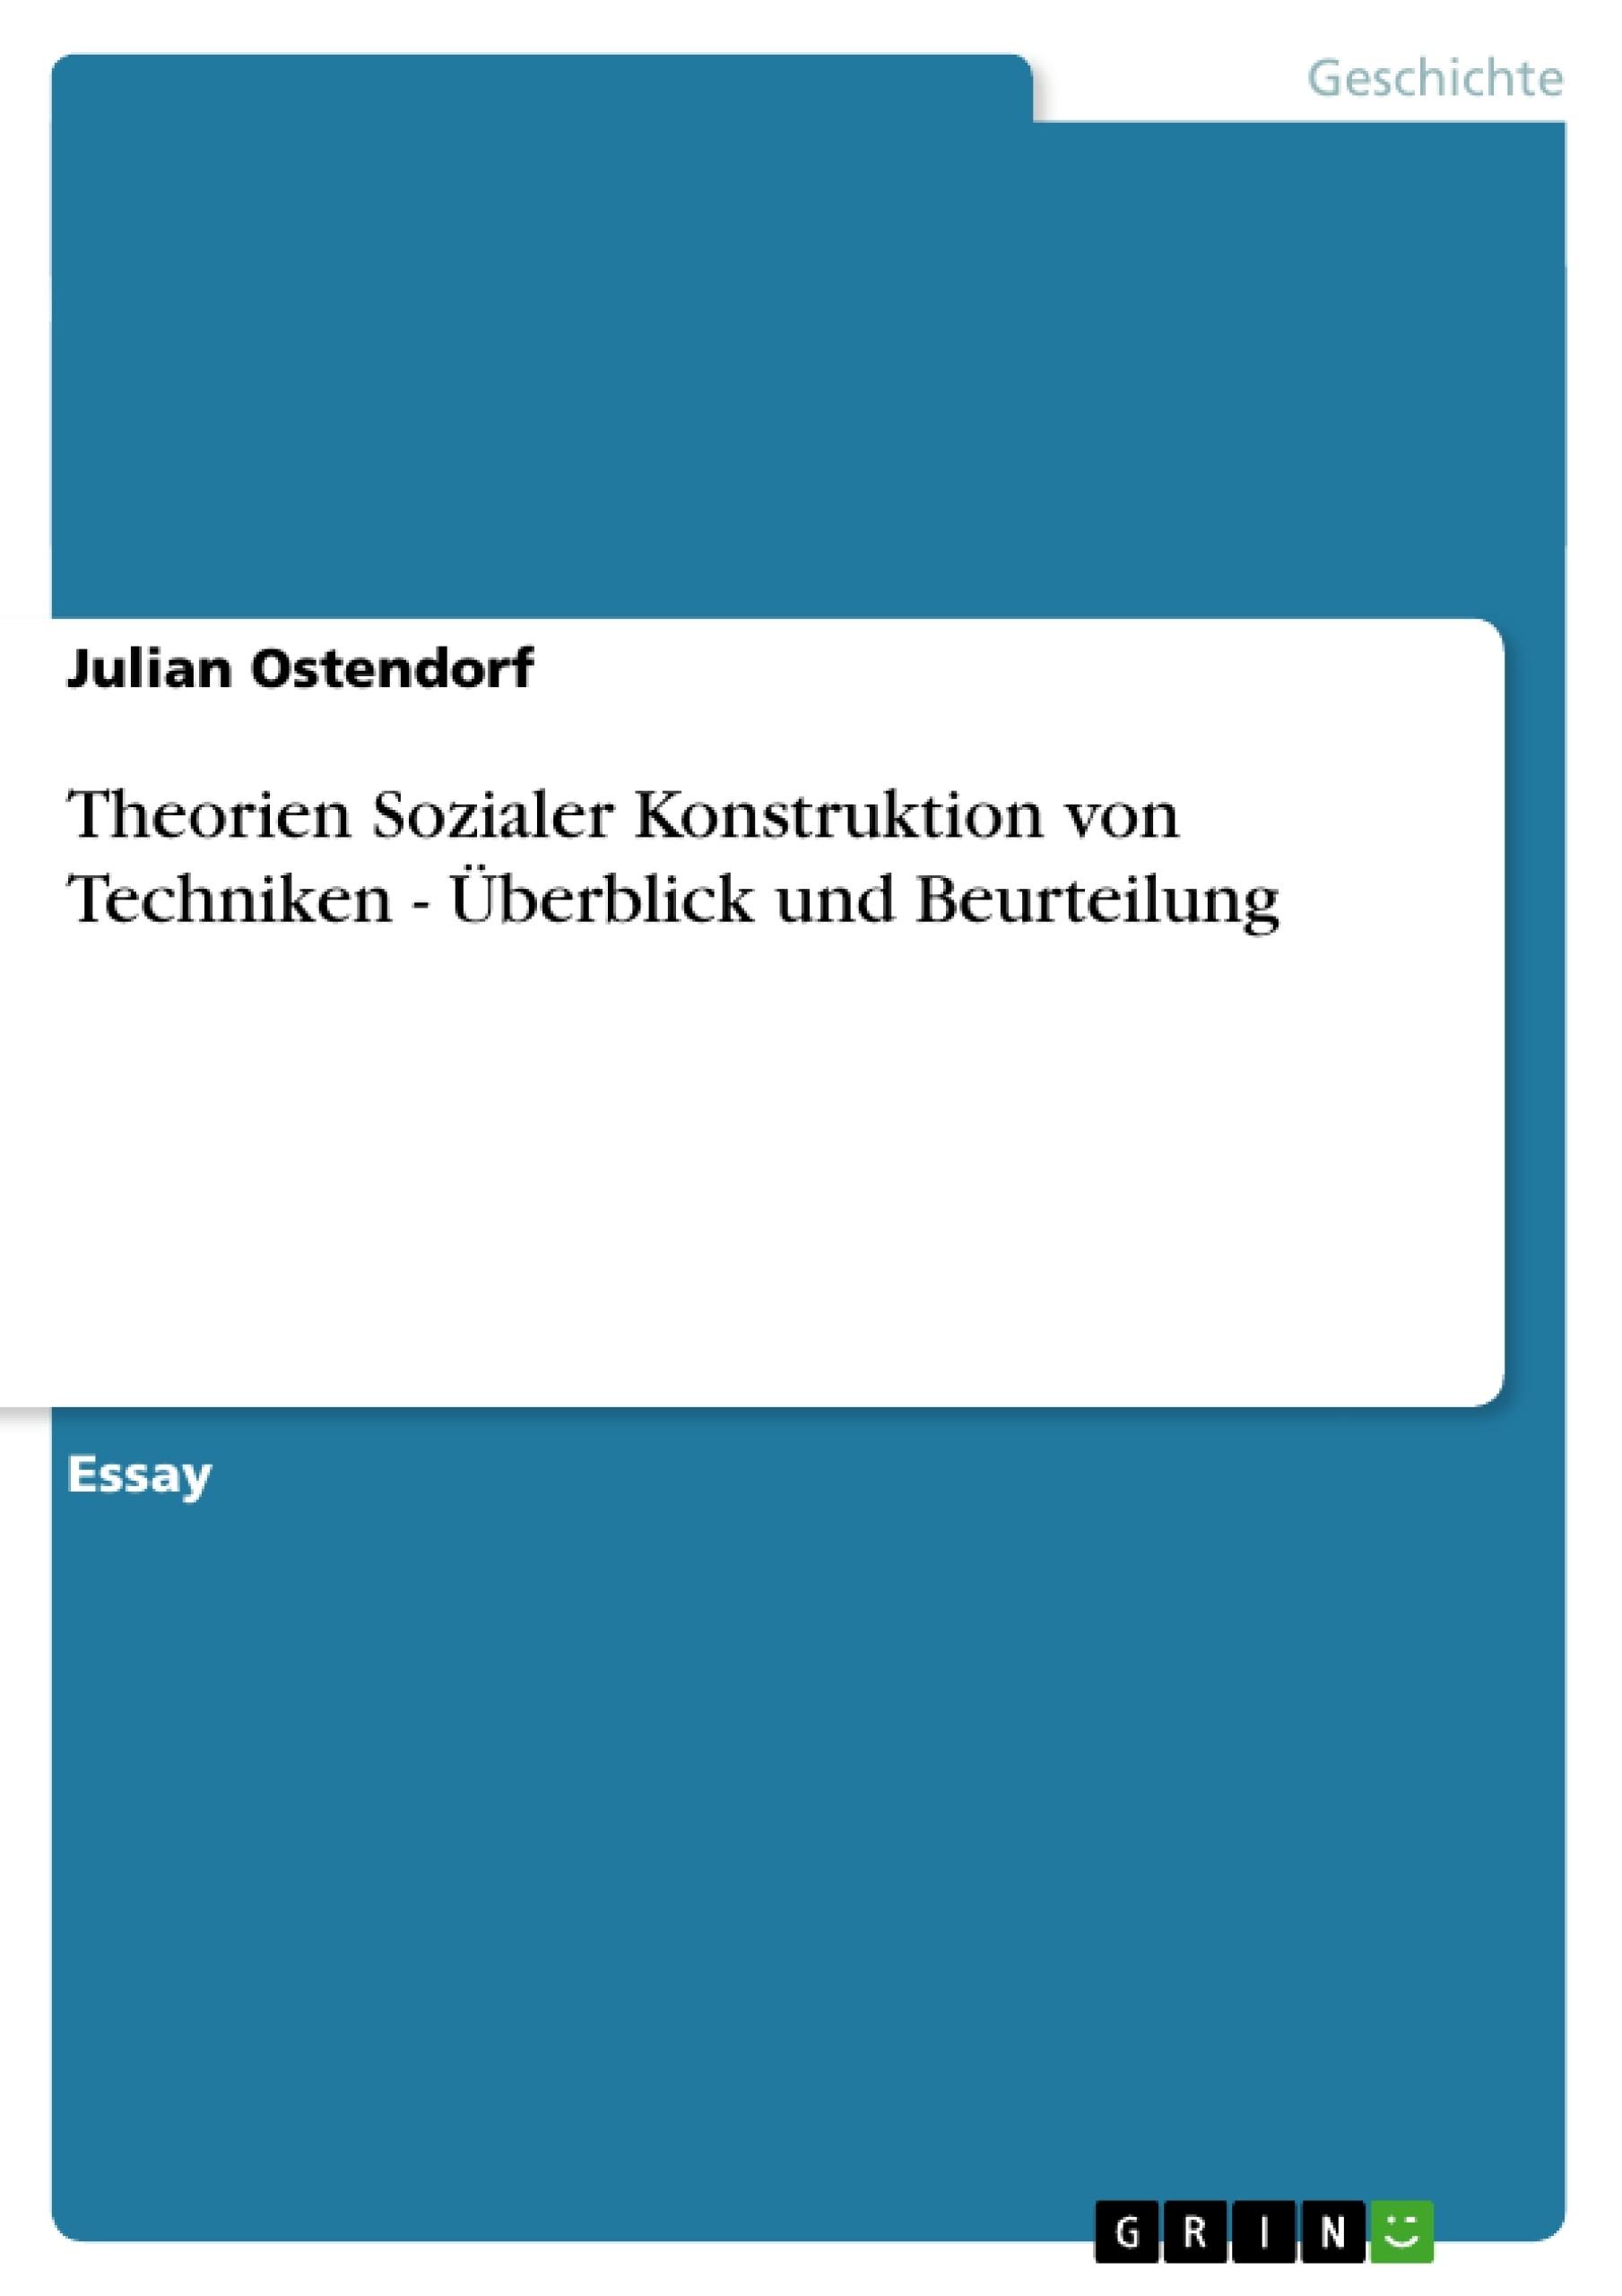 Titel: Theorien Sozialer Konstruktion von Techniken - Überblick und Beurteilung